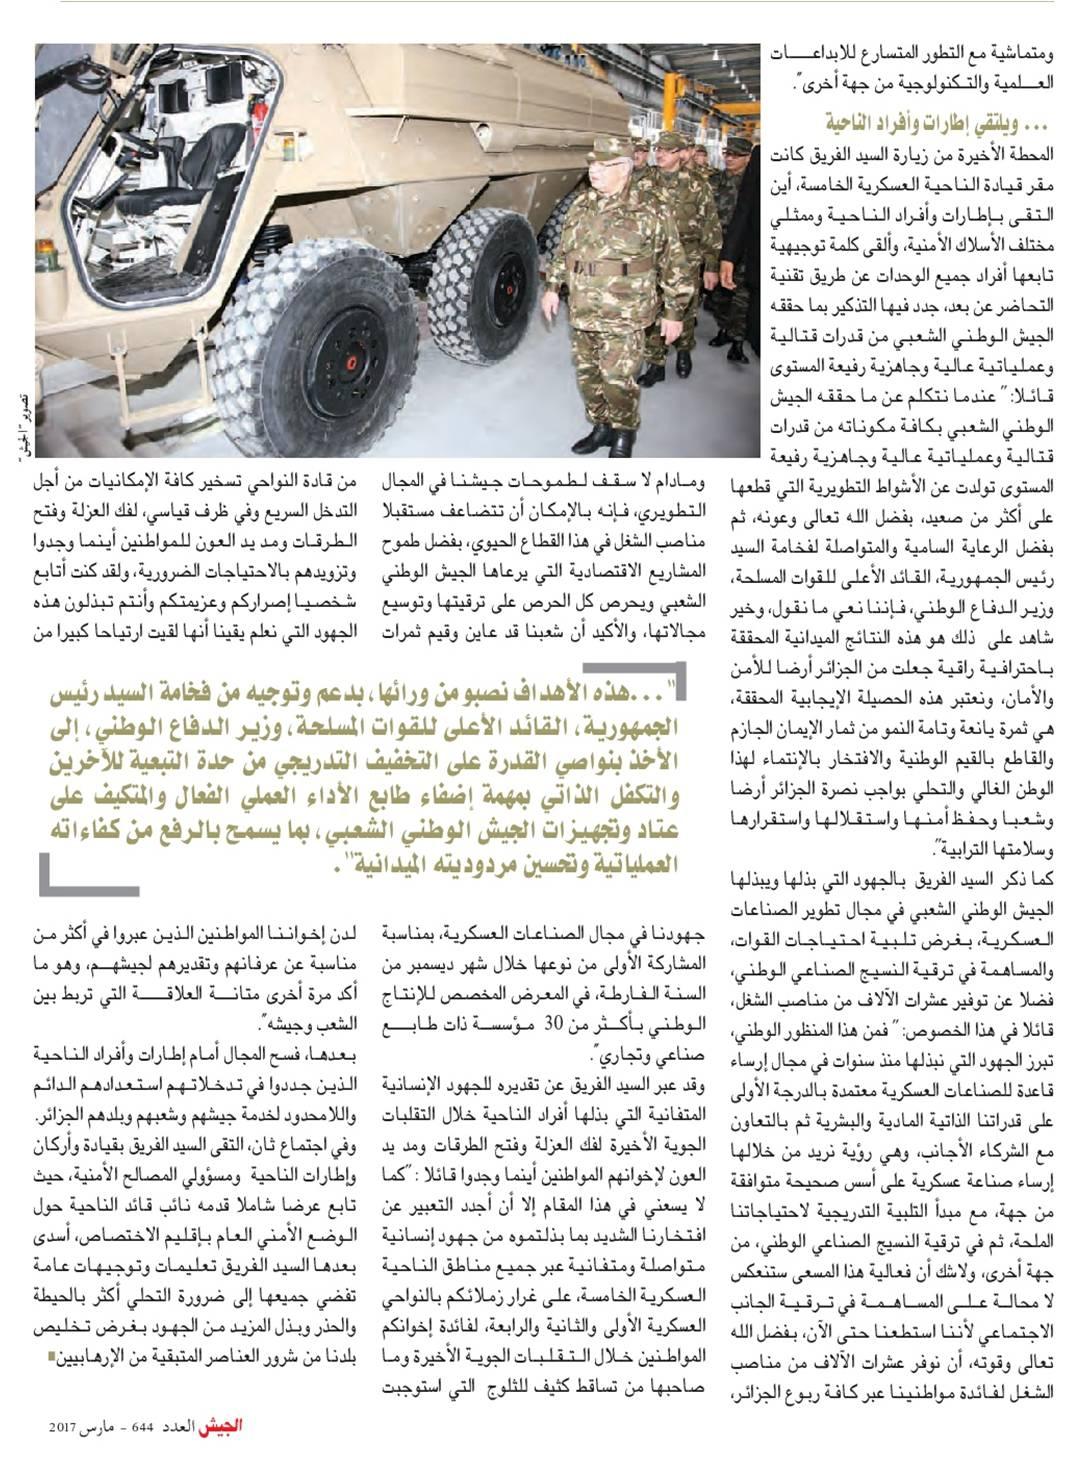 الصناعة العسكرية الجزائرية ... مدرعات ( فوكس 2 ) - صفحة 6 32596388234_a6135bde61_o